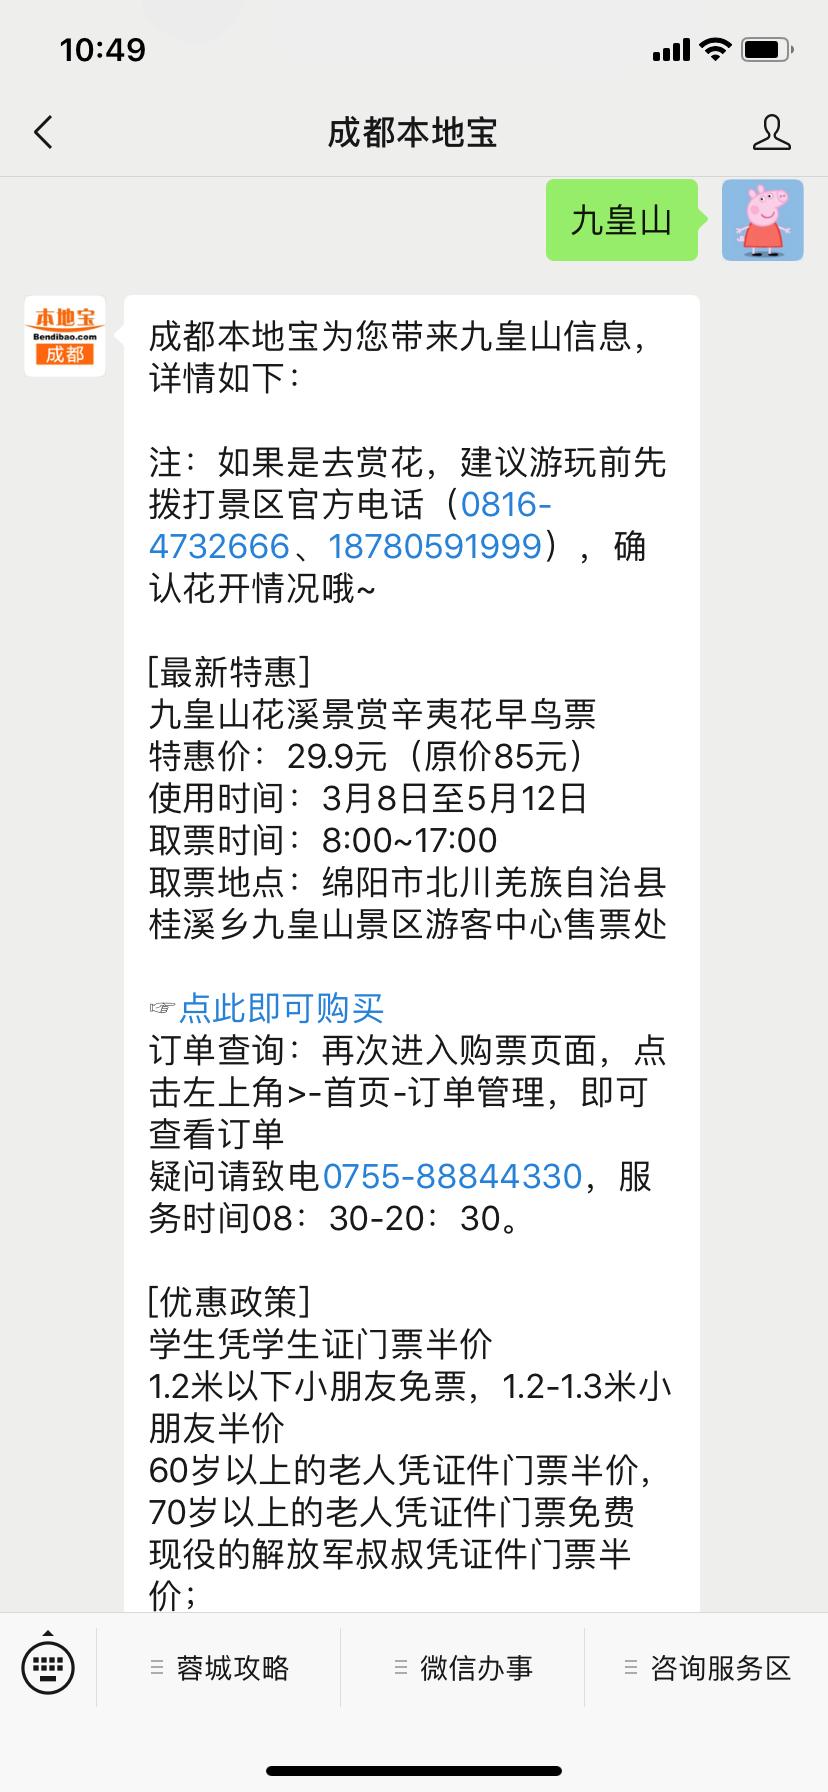 2019九皇山辛夷花节时间 地点 门票 活动安排